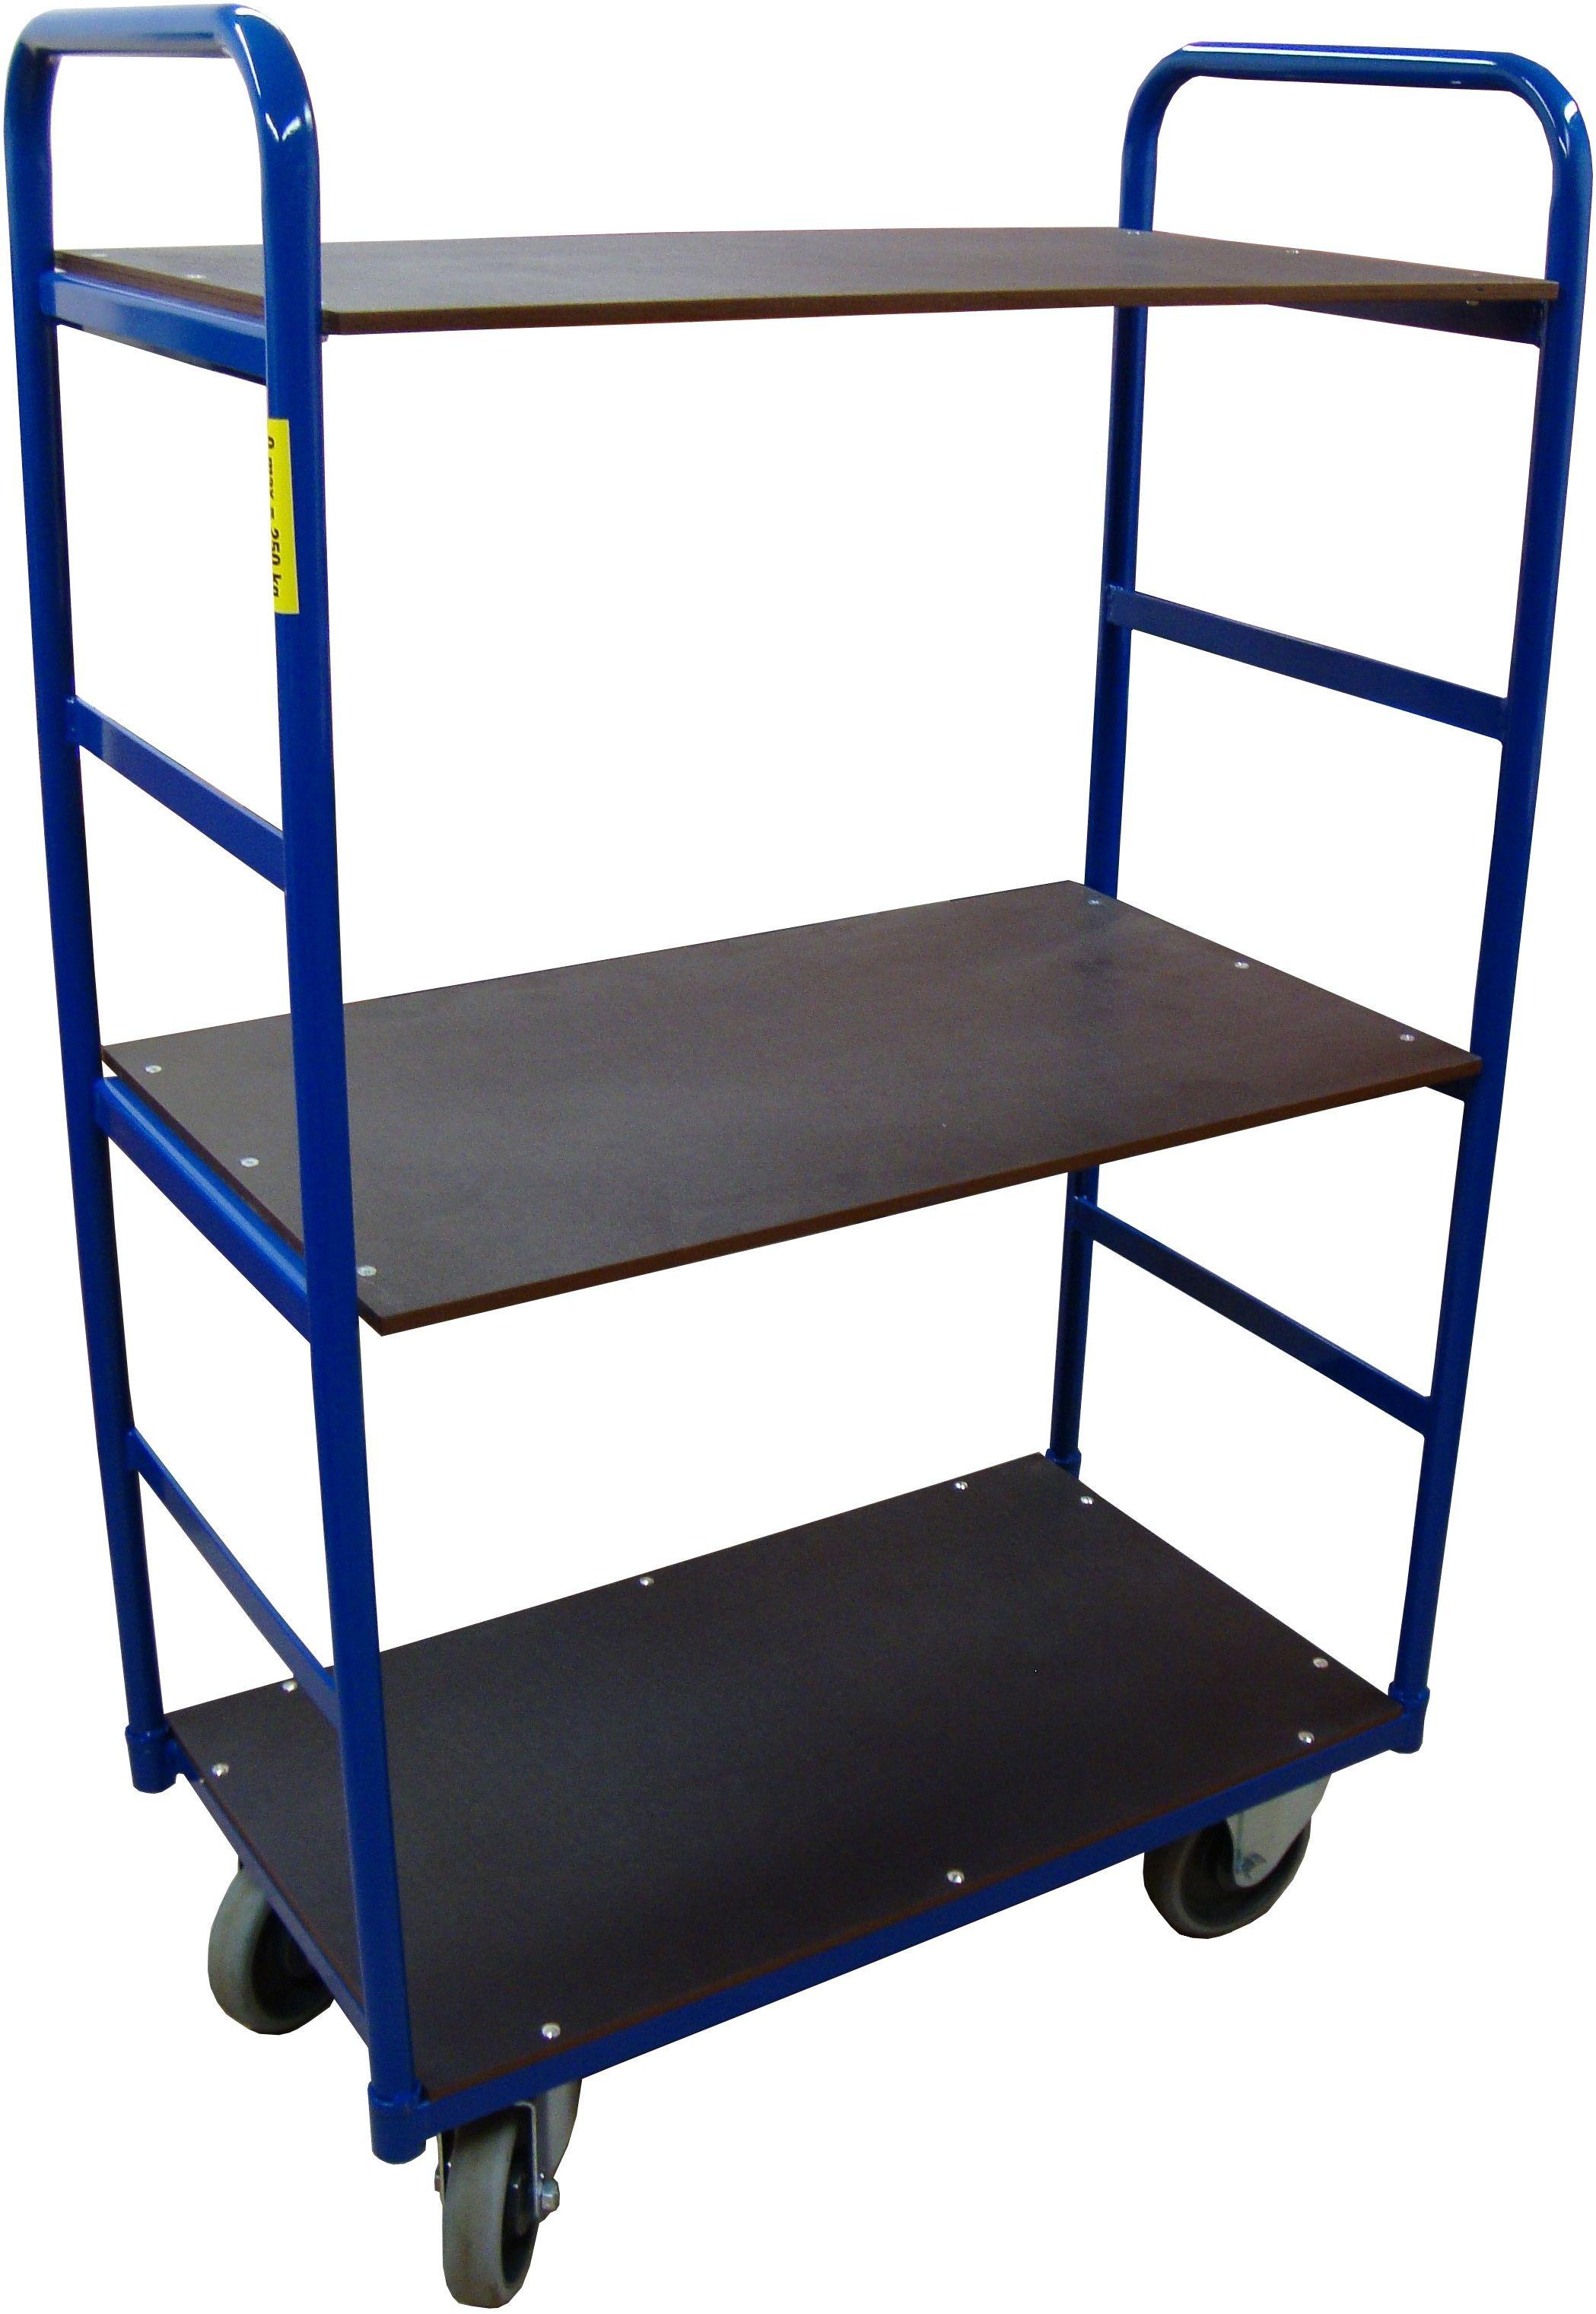 Wózek magazynowy trzypółkowy 250 kg, 850x500x1500 mm